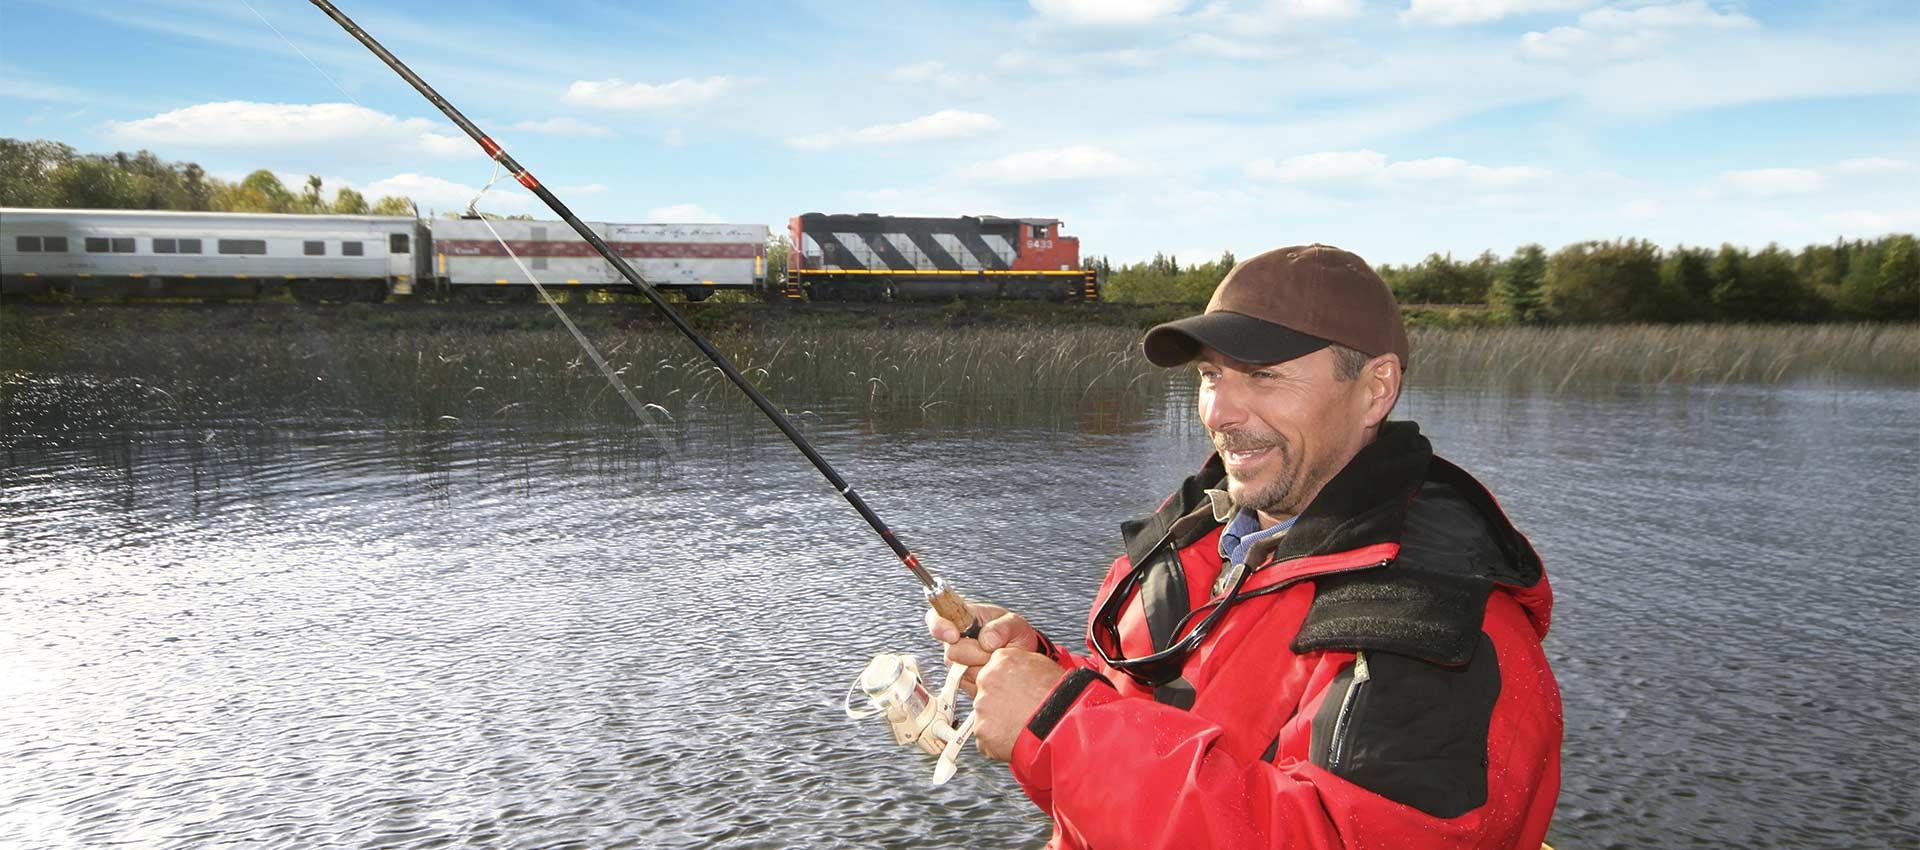 fishing_train_in_bkg